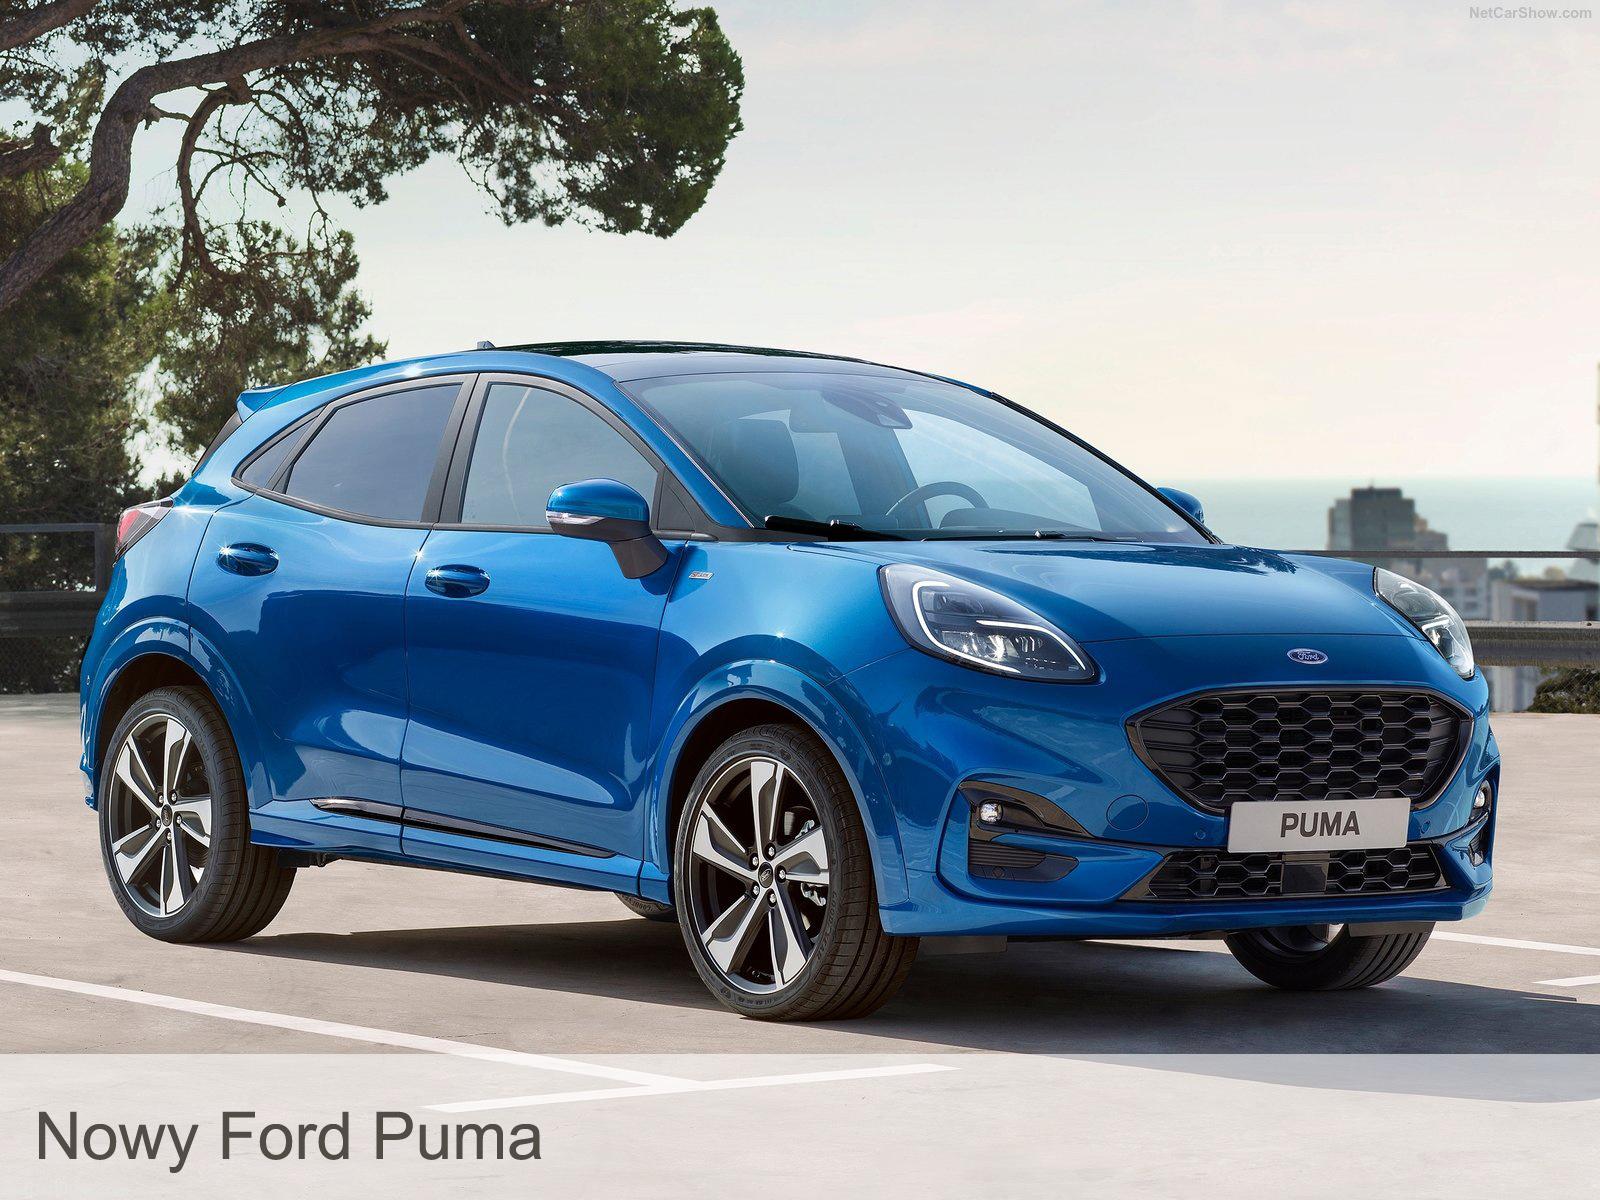 Nowy-Ford-Puma